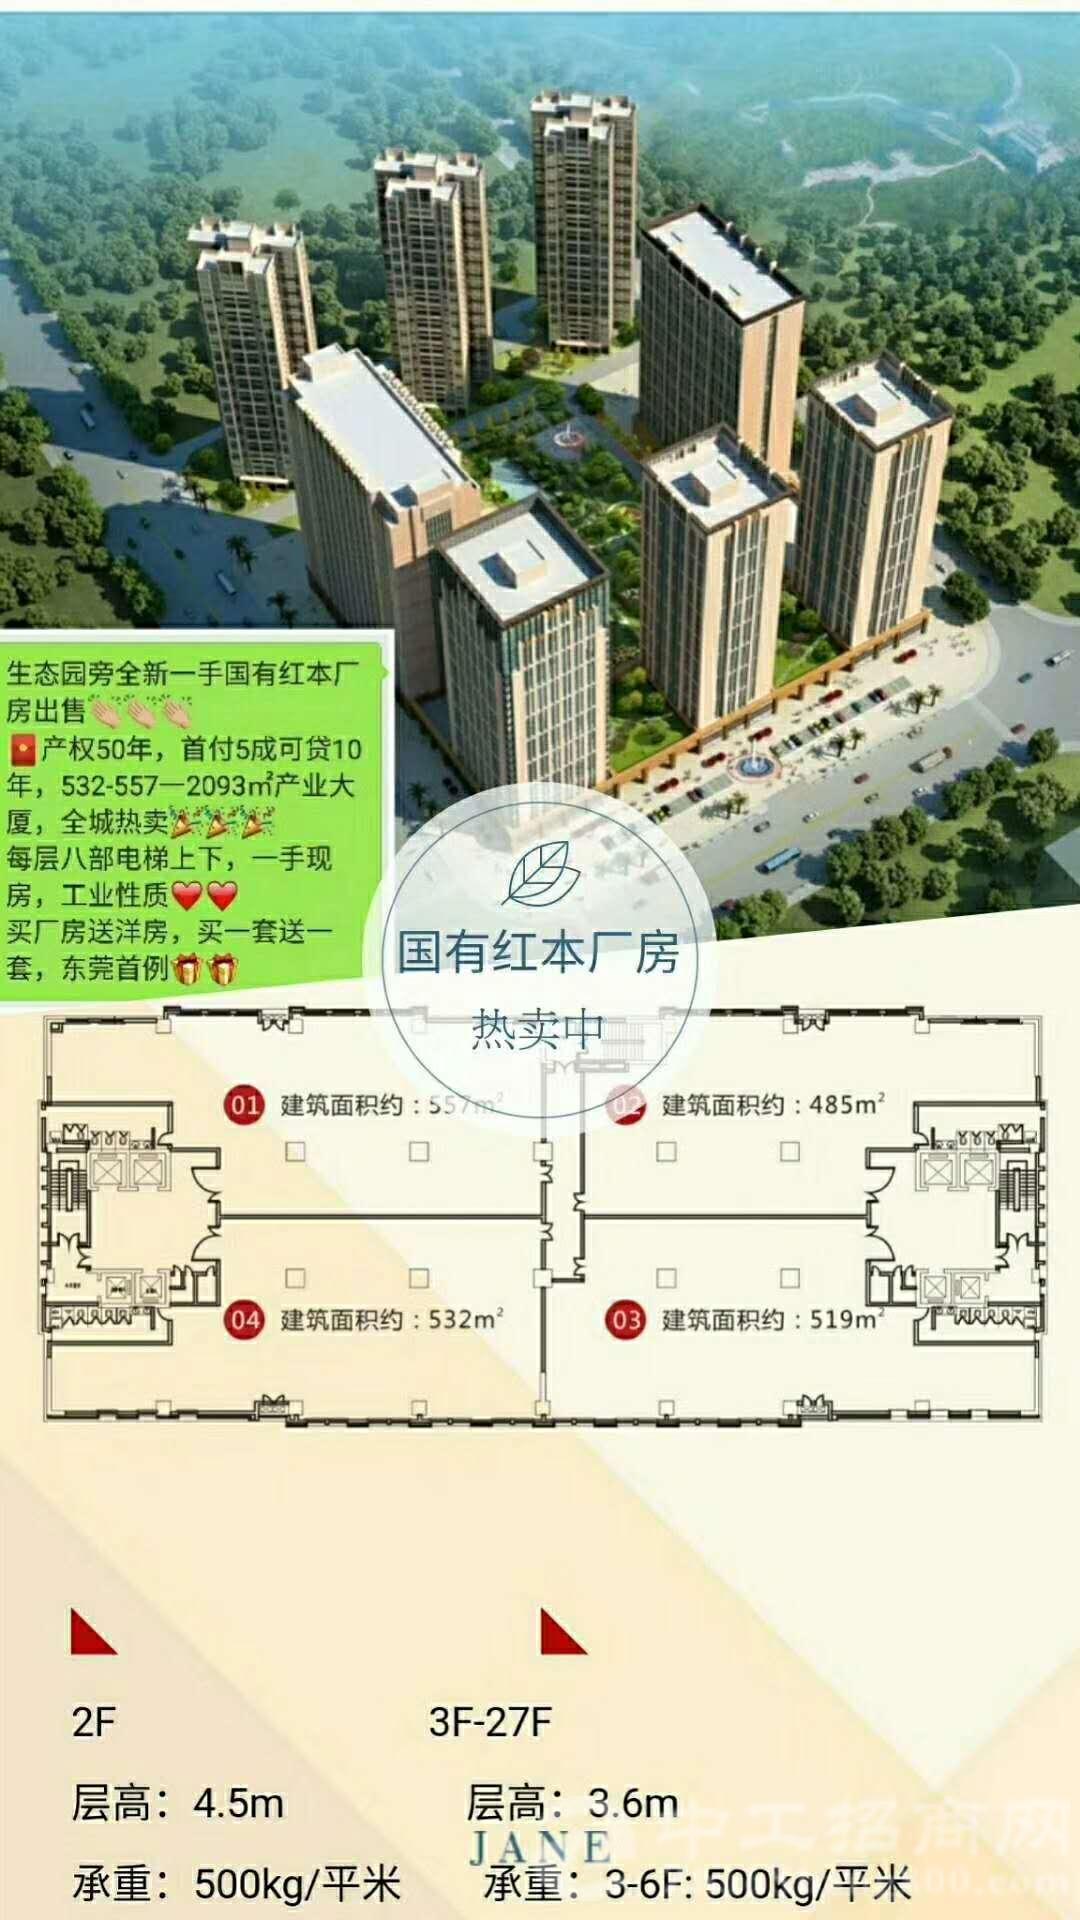 买厂房送洋房--全新一手厂房出售国有红本50年产权 送洋房